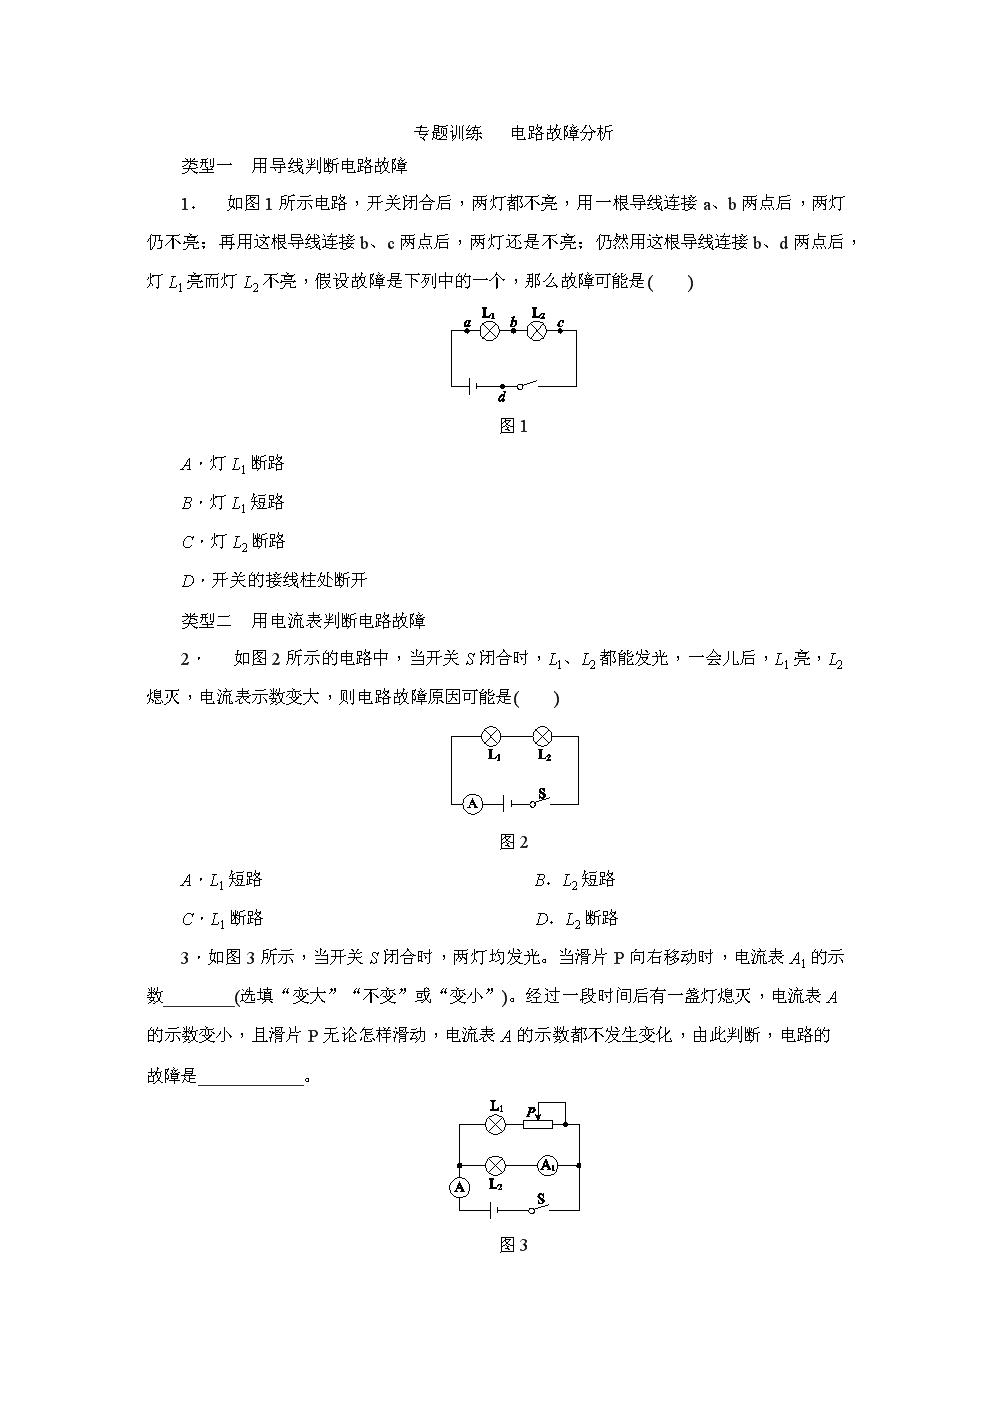 人教版九年级物理全册专题训练  电路故障分析.docx